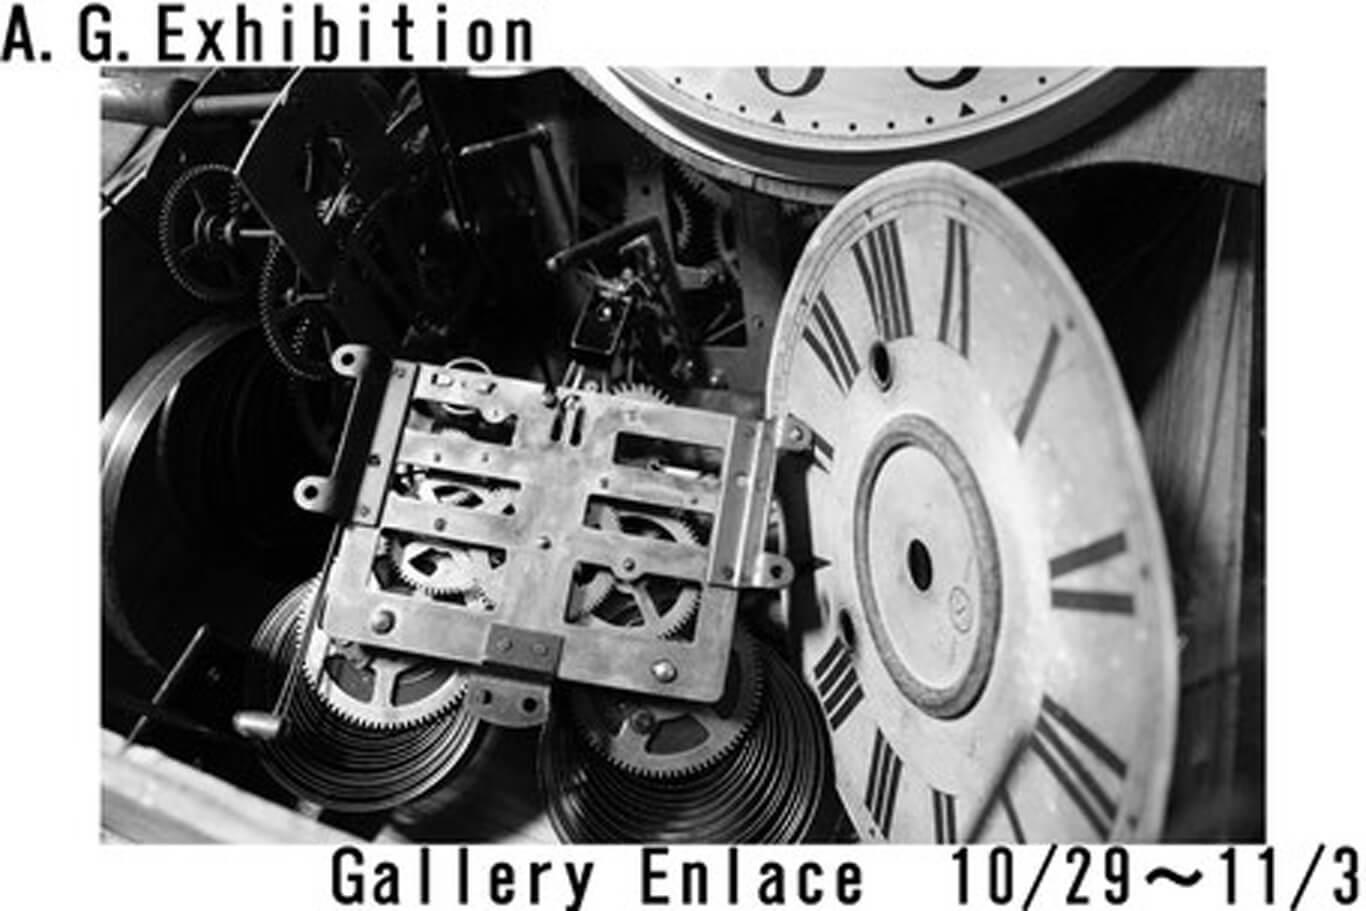 enlc-201910-A.G.Exhibition